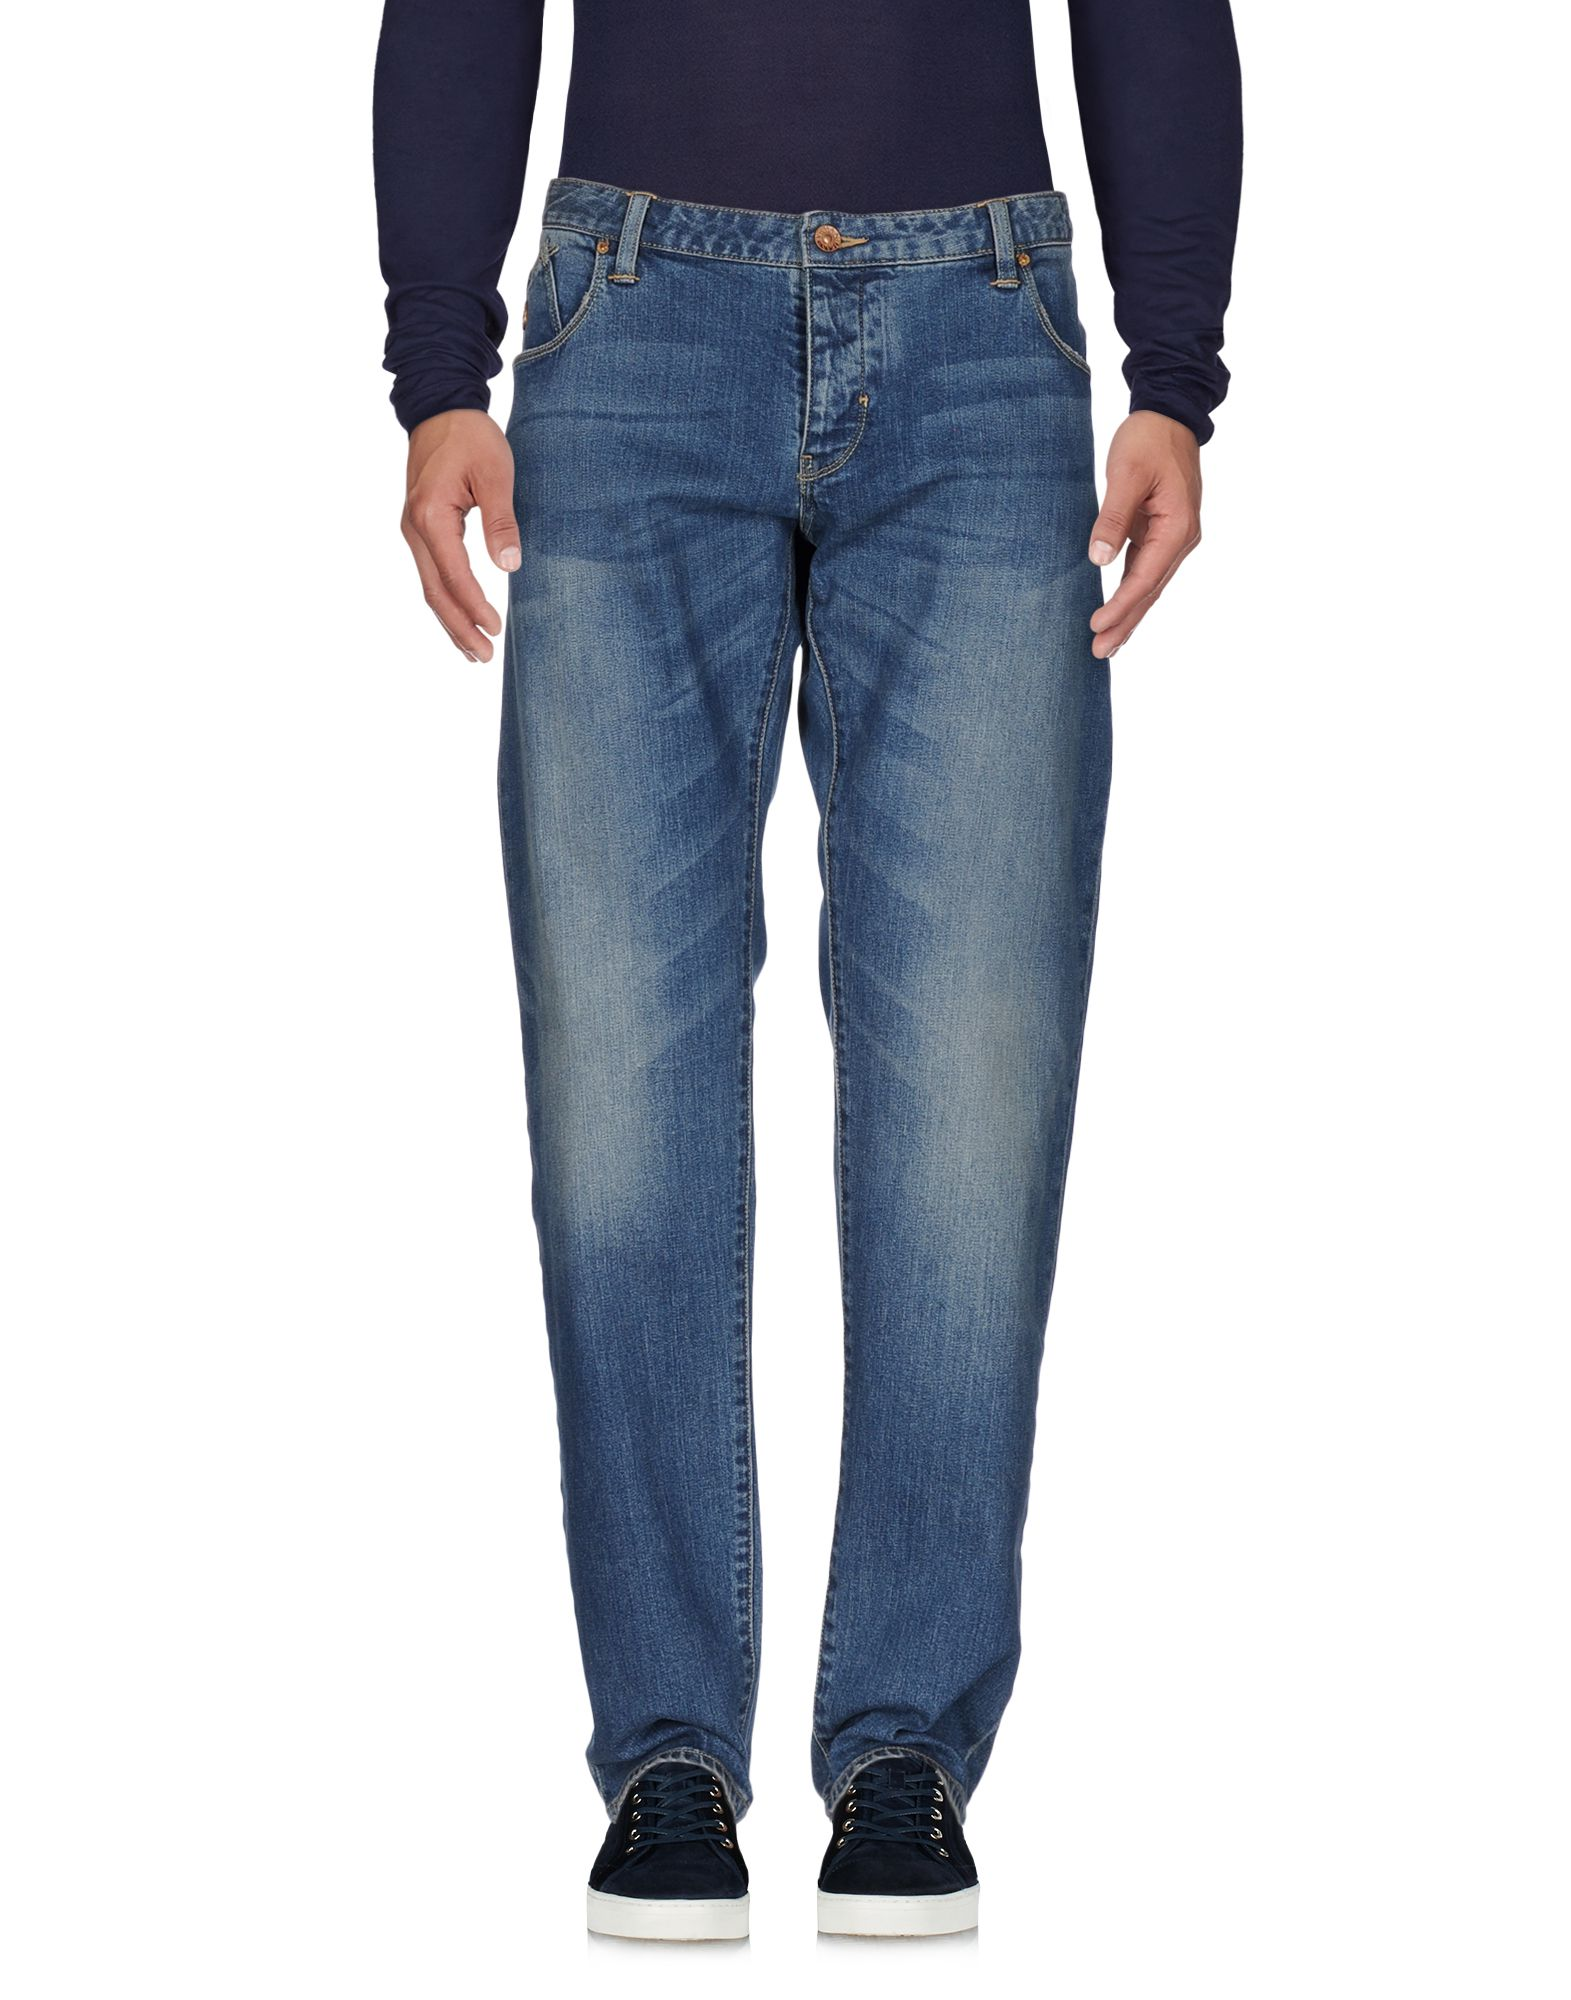 ARMANI JEANS Herren Jeanshose Farbe Blau Größe 4 jetztbilligerkaufen